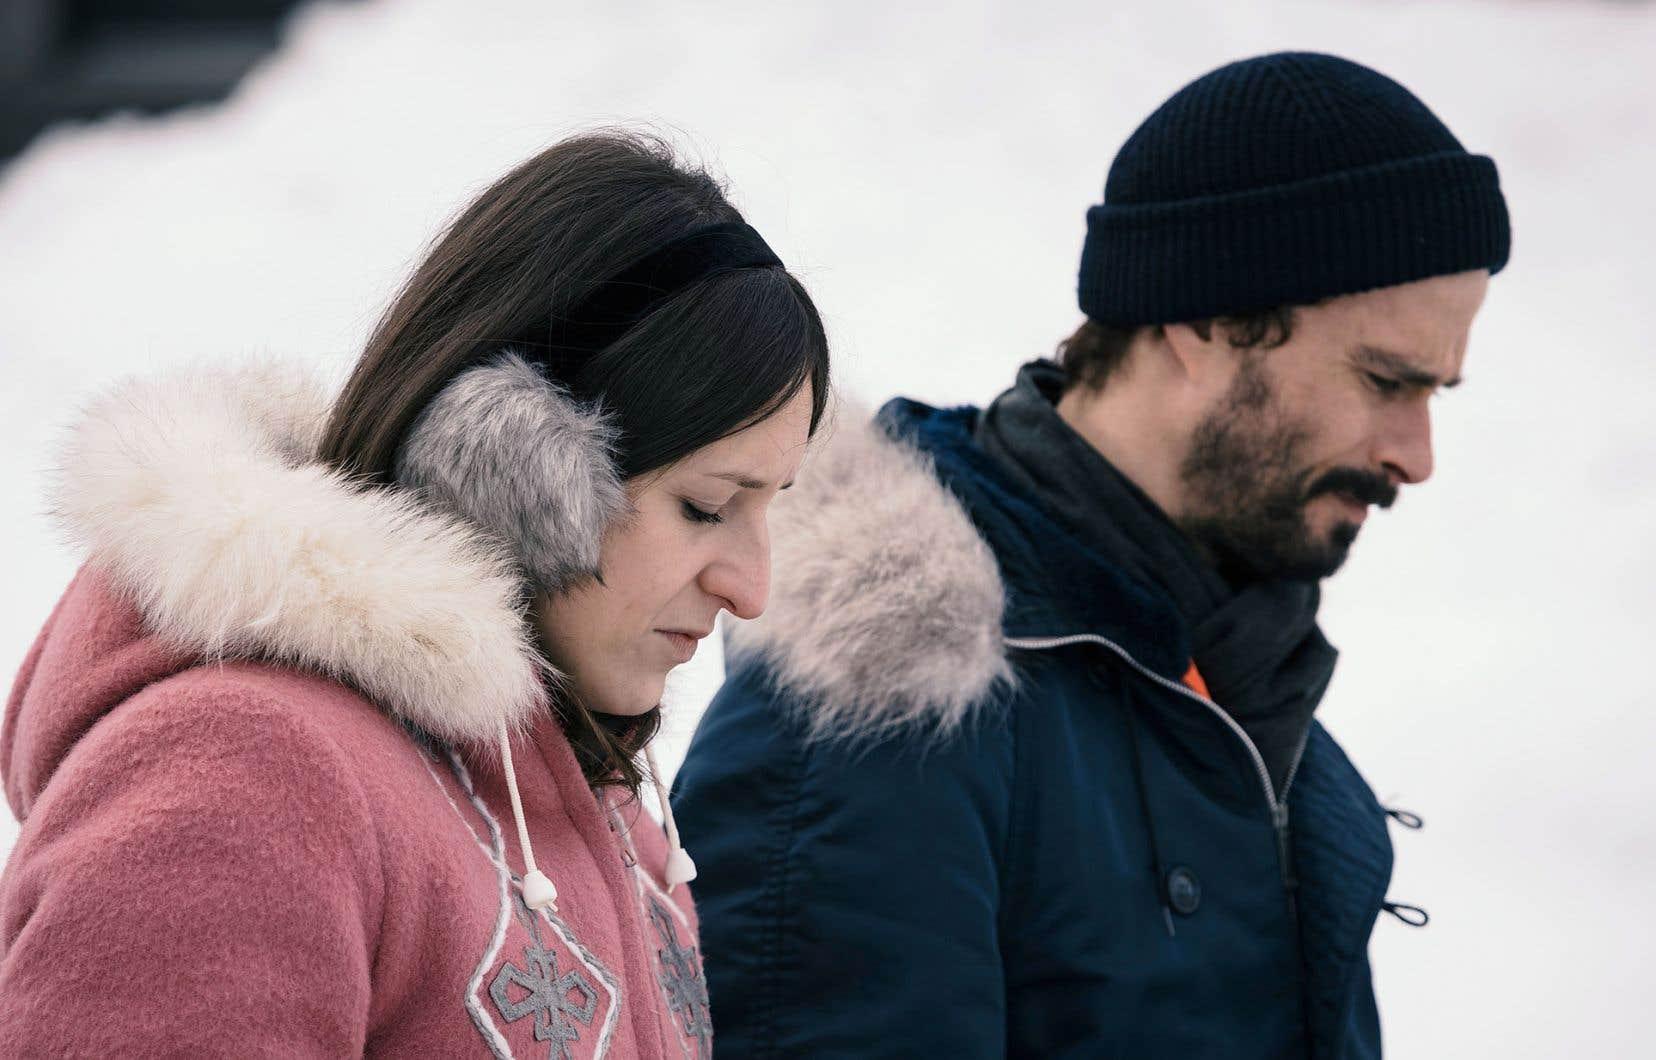 Le premier long métrage de Monia Chokri, «La femme de mon frère» (mettant en vedette Anne-Élisabeth Bossé et Patrick Hivon), a été sélectionné pour la 72eédition du festival dans la catégorie Un certain regard.